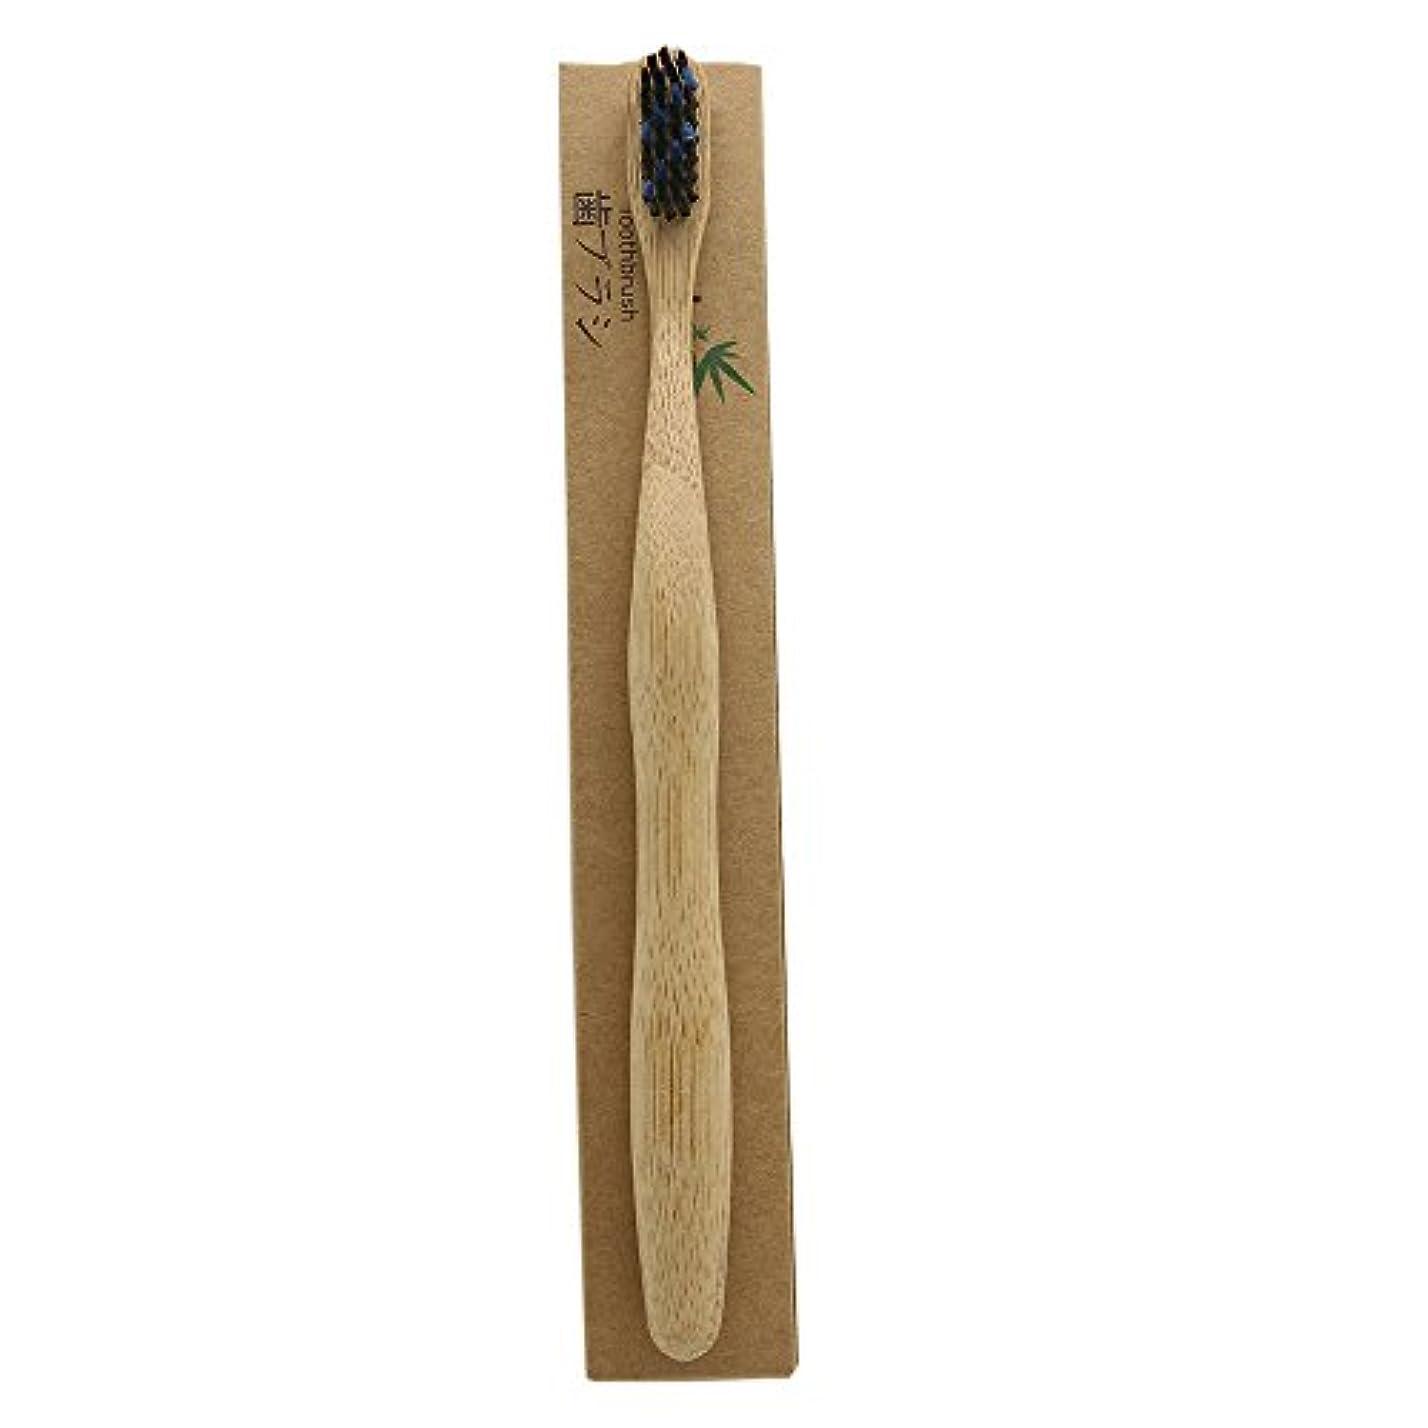 からに変化する自分を引き上げる制限N-amboo 竹製耐久度高い 歯ブラシ 黒いと青い 1本